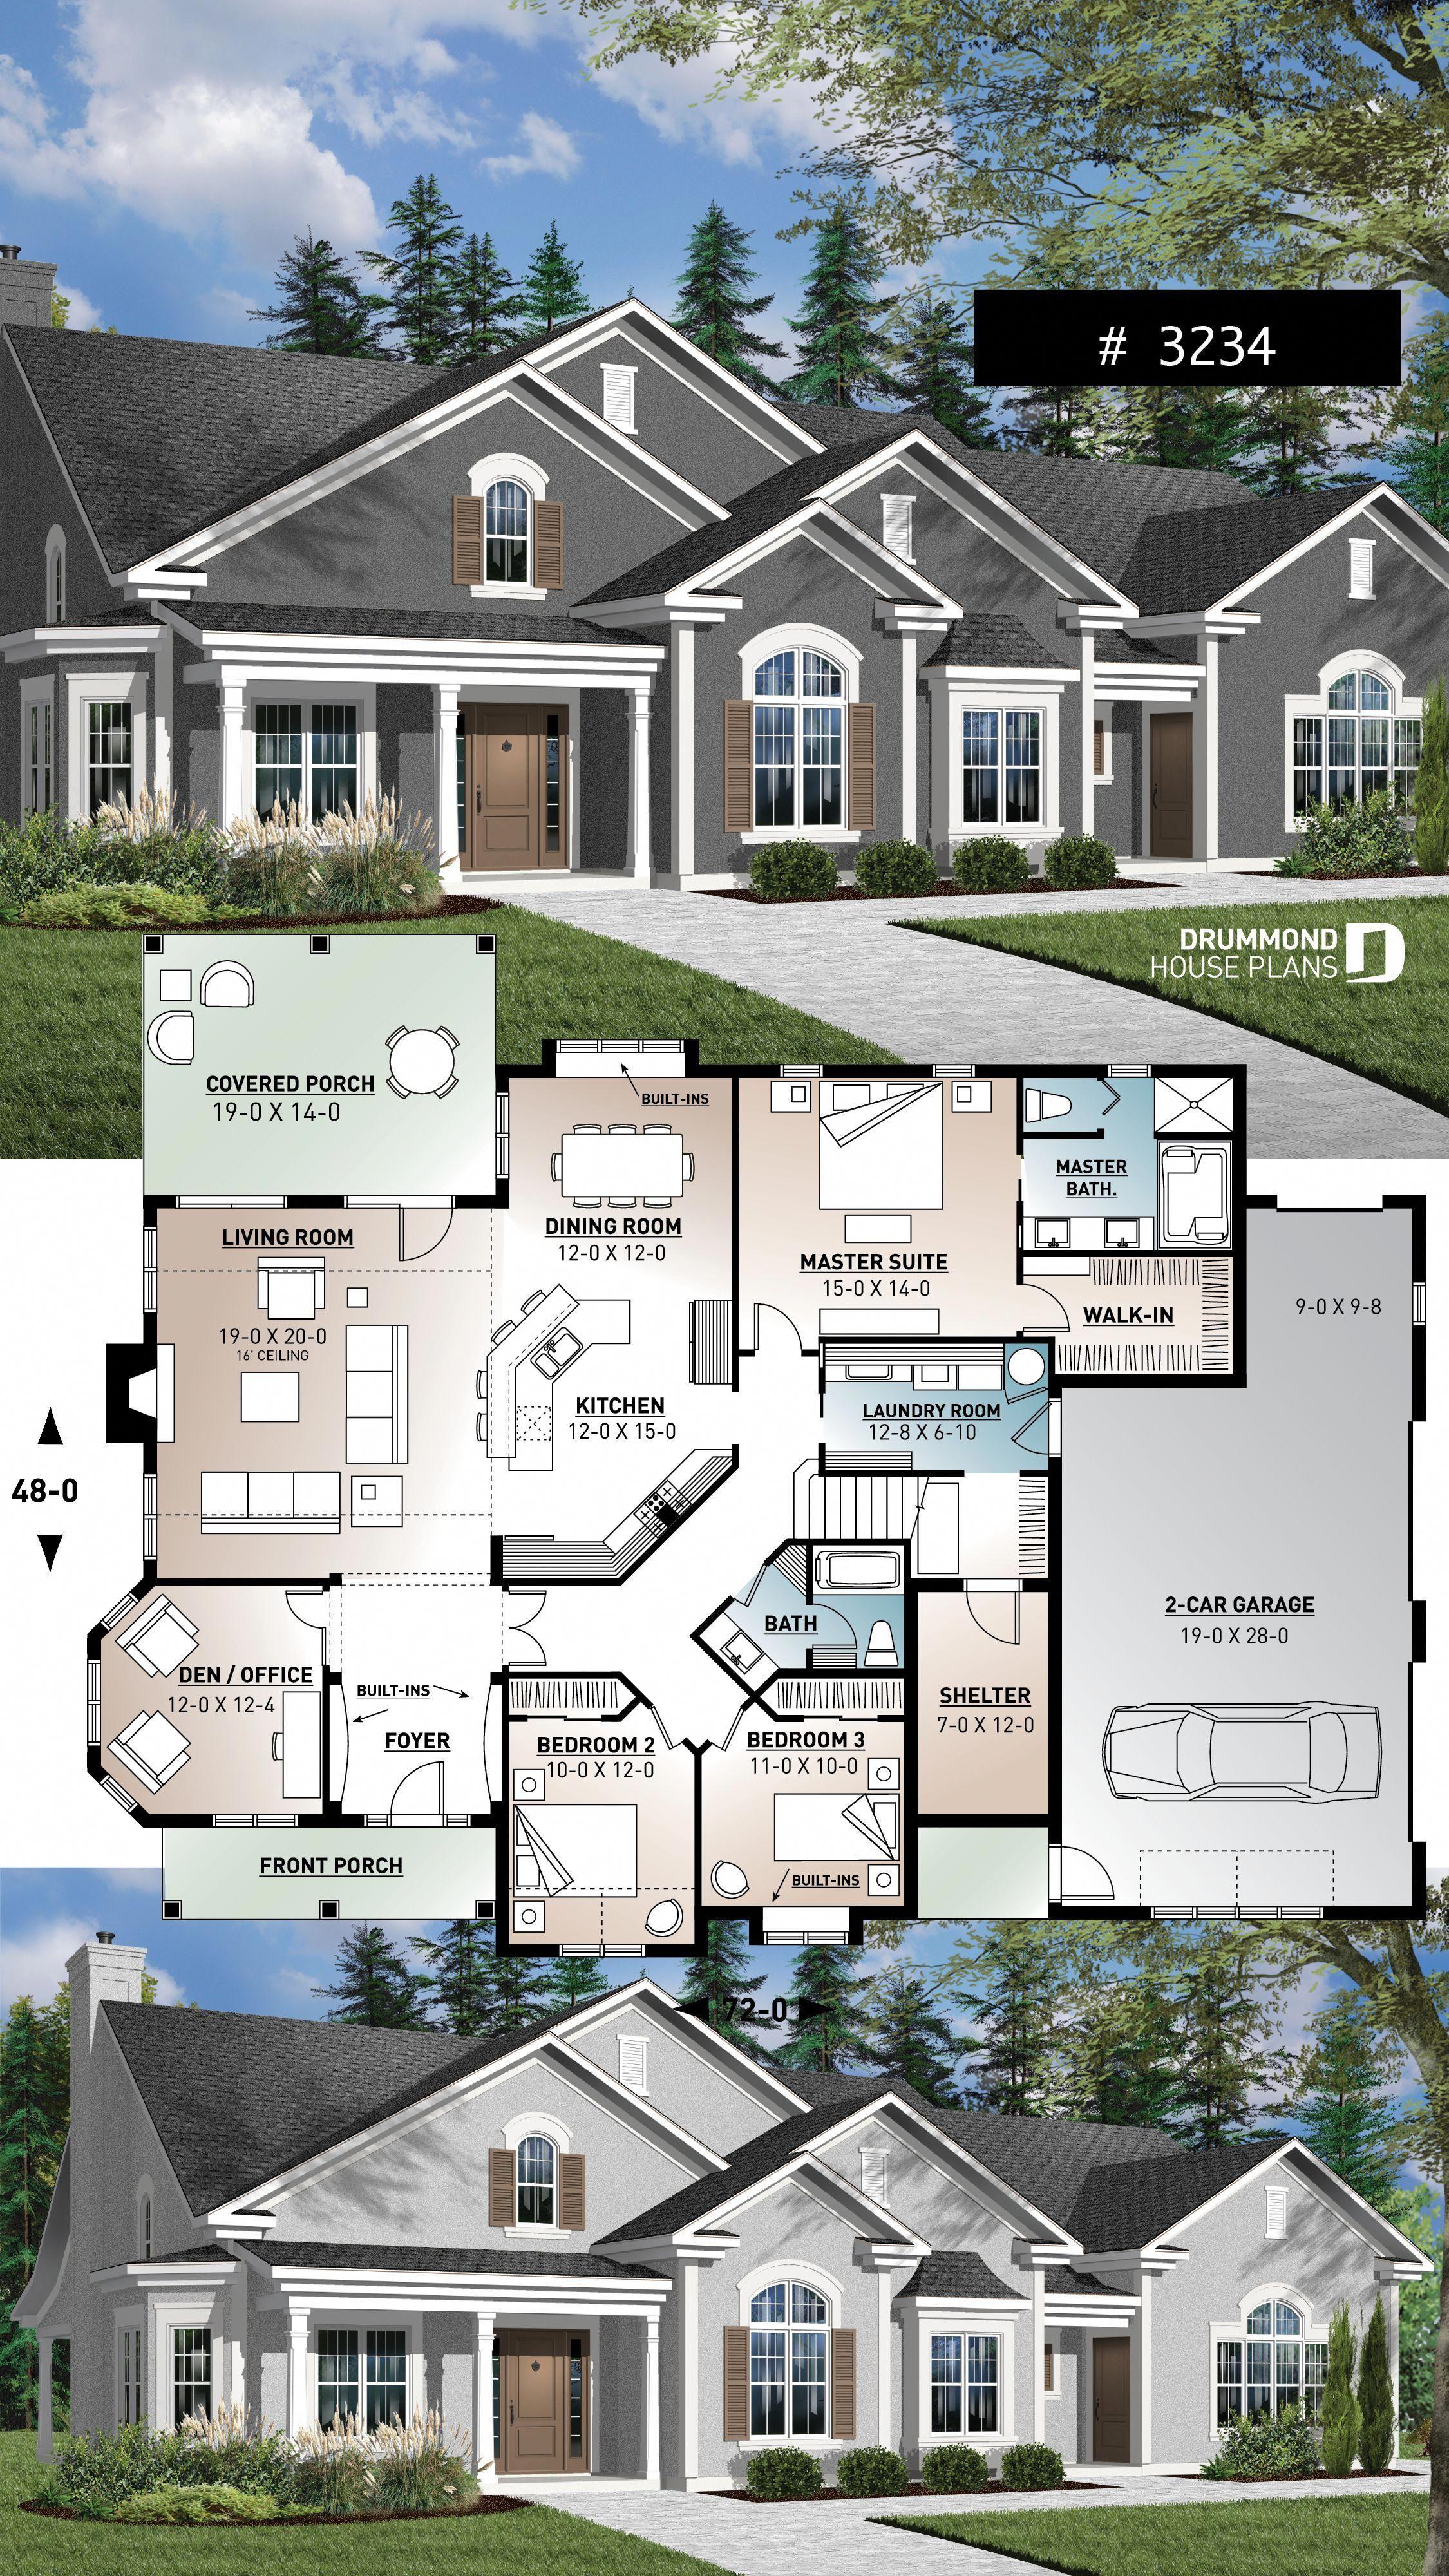 Dream Houses Design Dreamhouses Family House Plans Ranch House Plans Craftsman House Plans